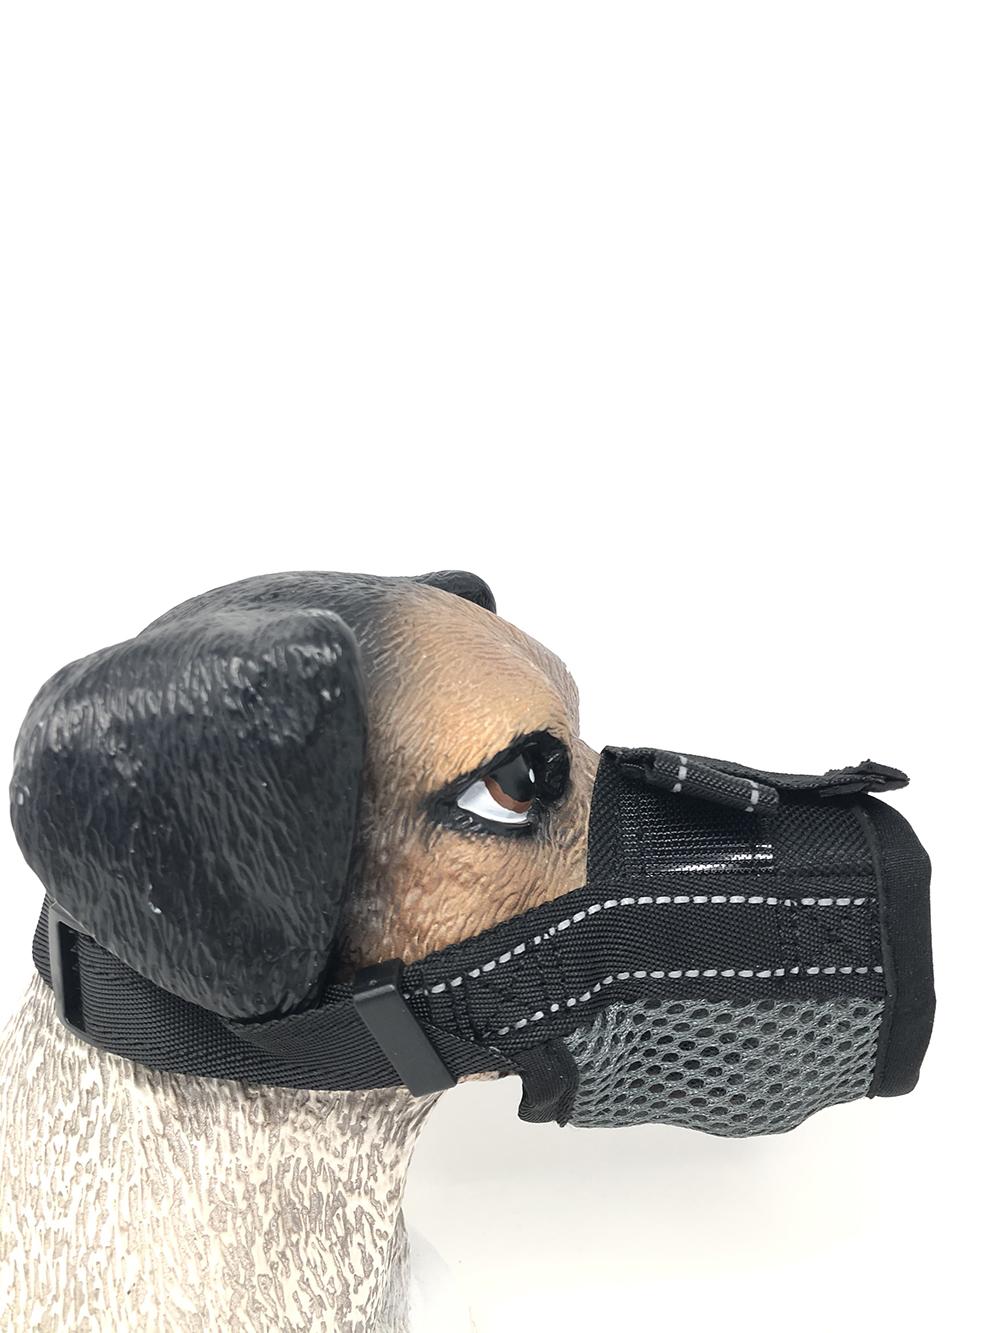 Bozal para perros de nylon color negro. Con forro suave de lana hace que sea cómodo de llevar.Inhibe de morder, la correa es totalmente ajustable y tiene un cierre rápido. Permite al perro jadear y beber. Indicado para viajes cortos.